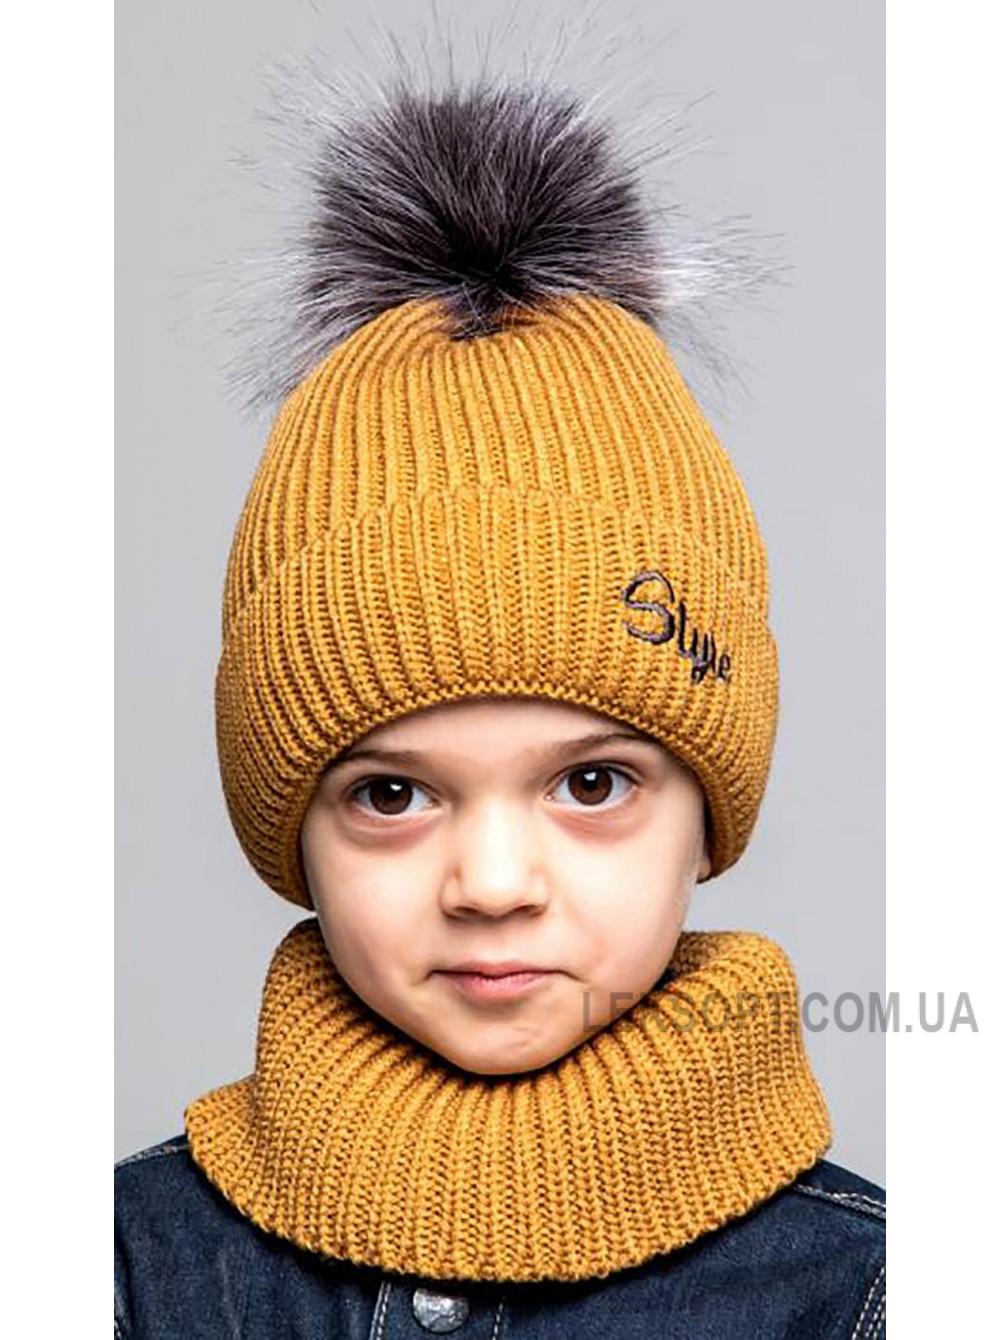 Детская вязаная шапка Комплект Классик Boy D77949-48-52